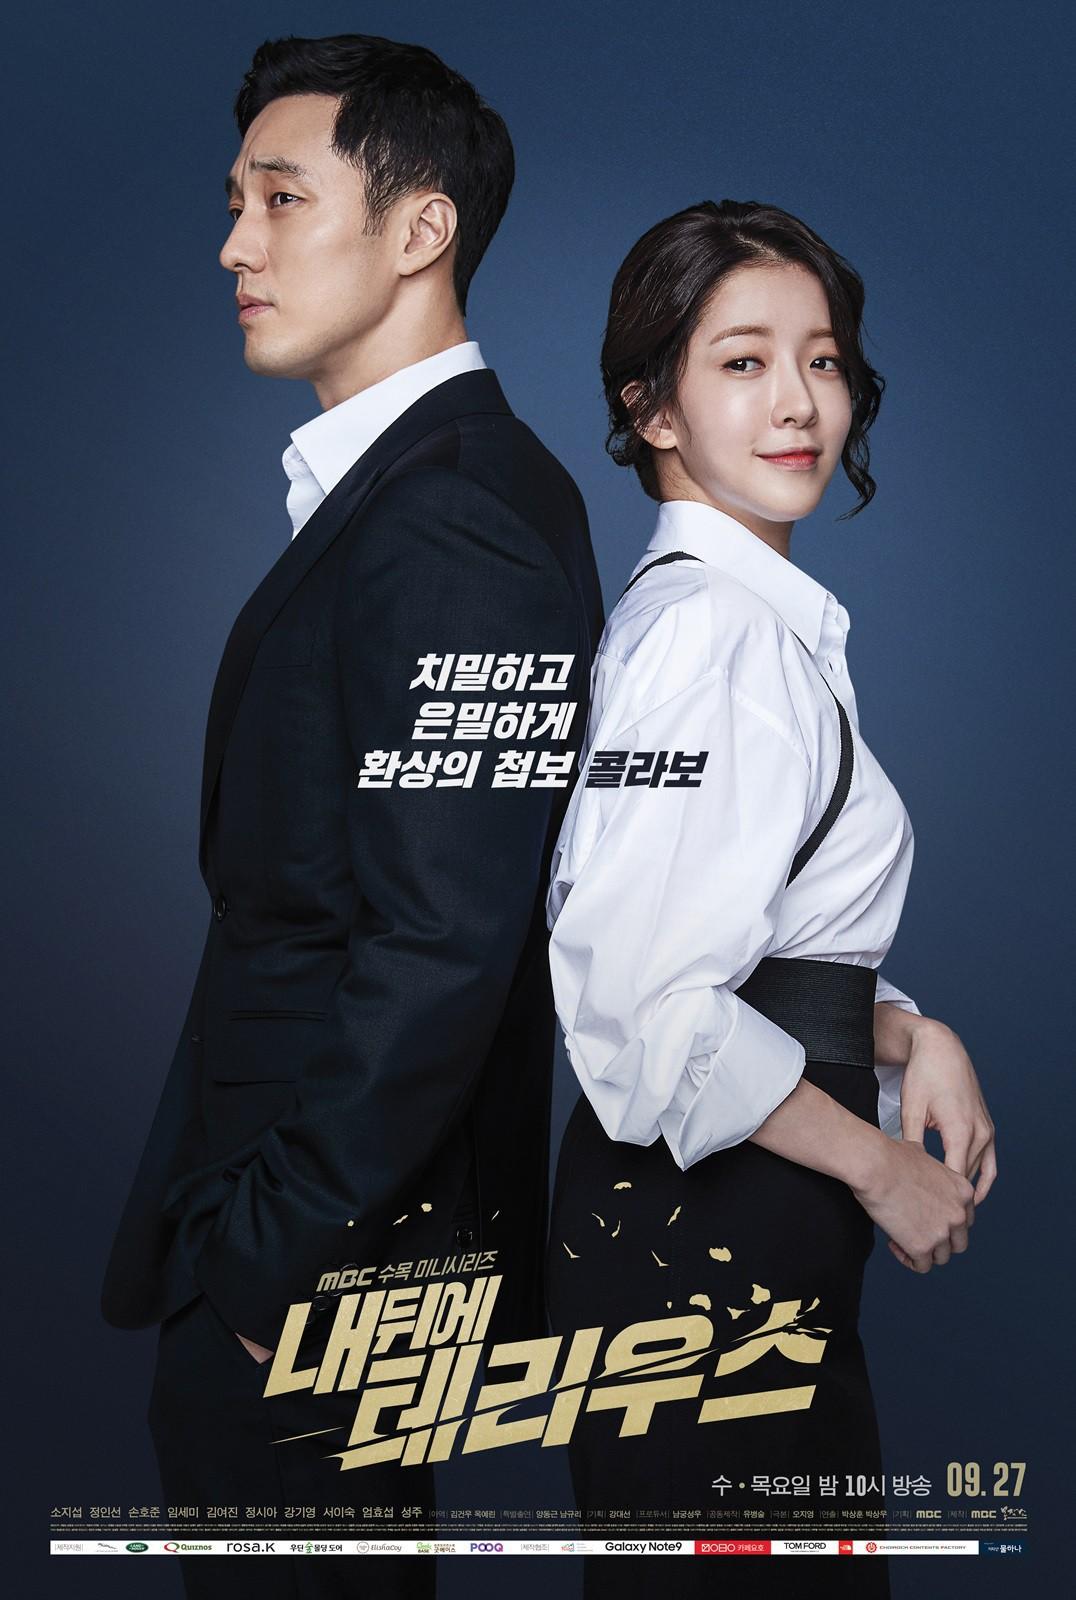 Phim mới của So Ji Sub: Mới xem thấy gượng gạo, nhưng càng xem lại càng ngấm - Ảnh 5.